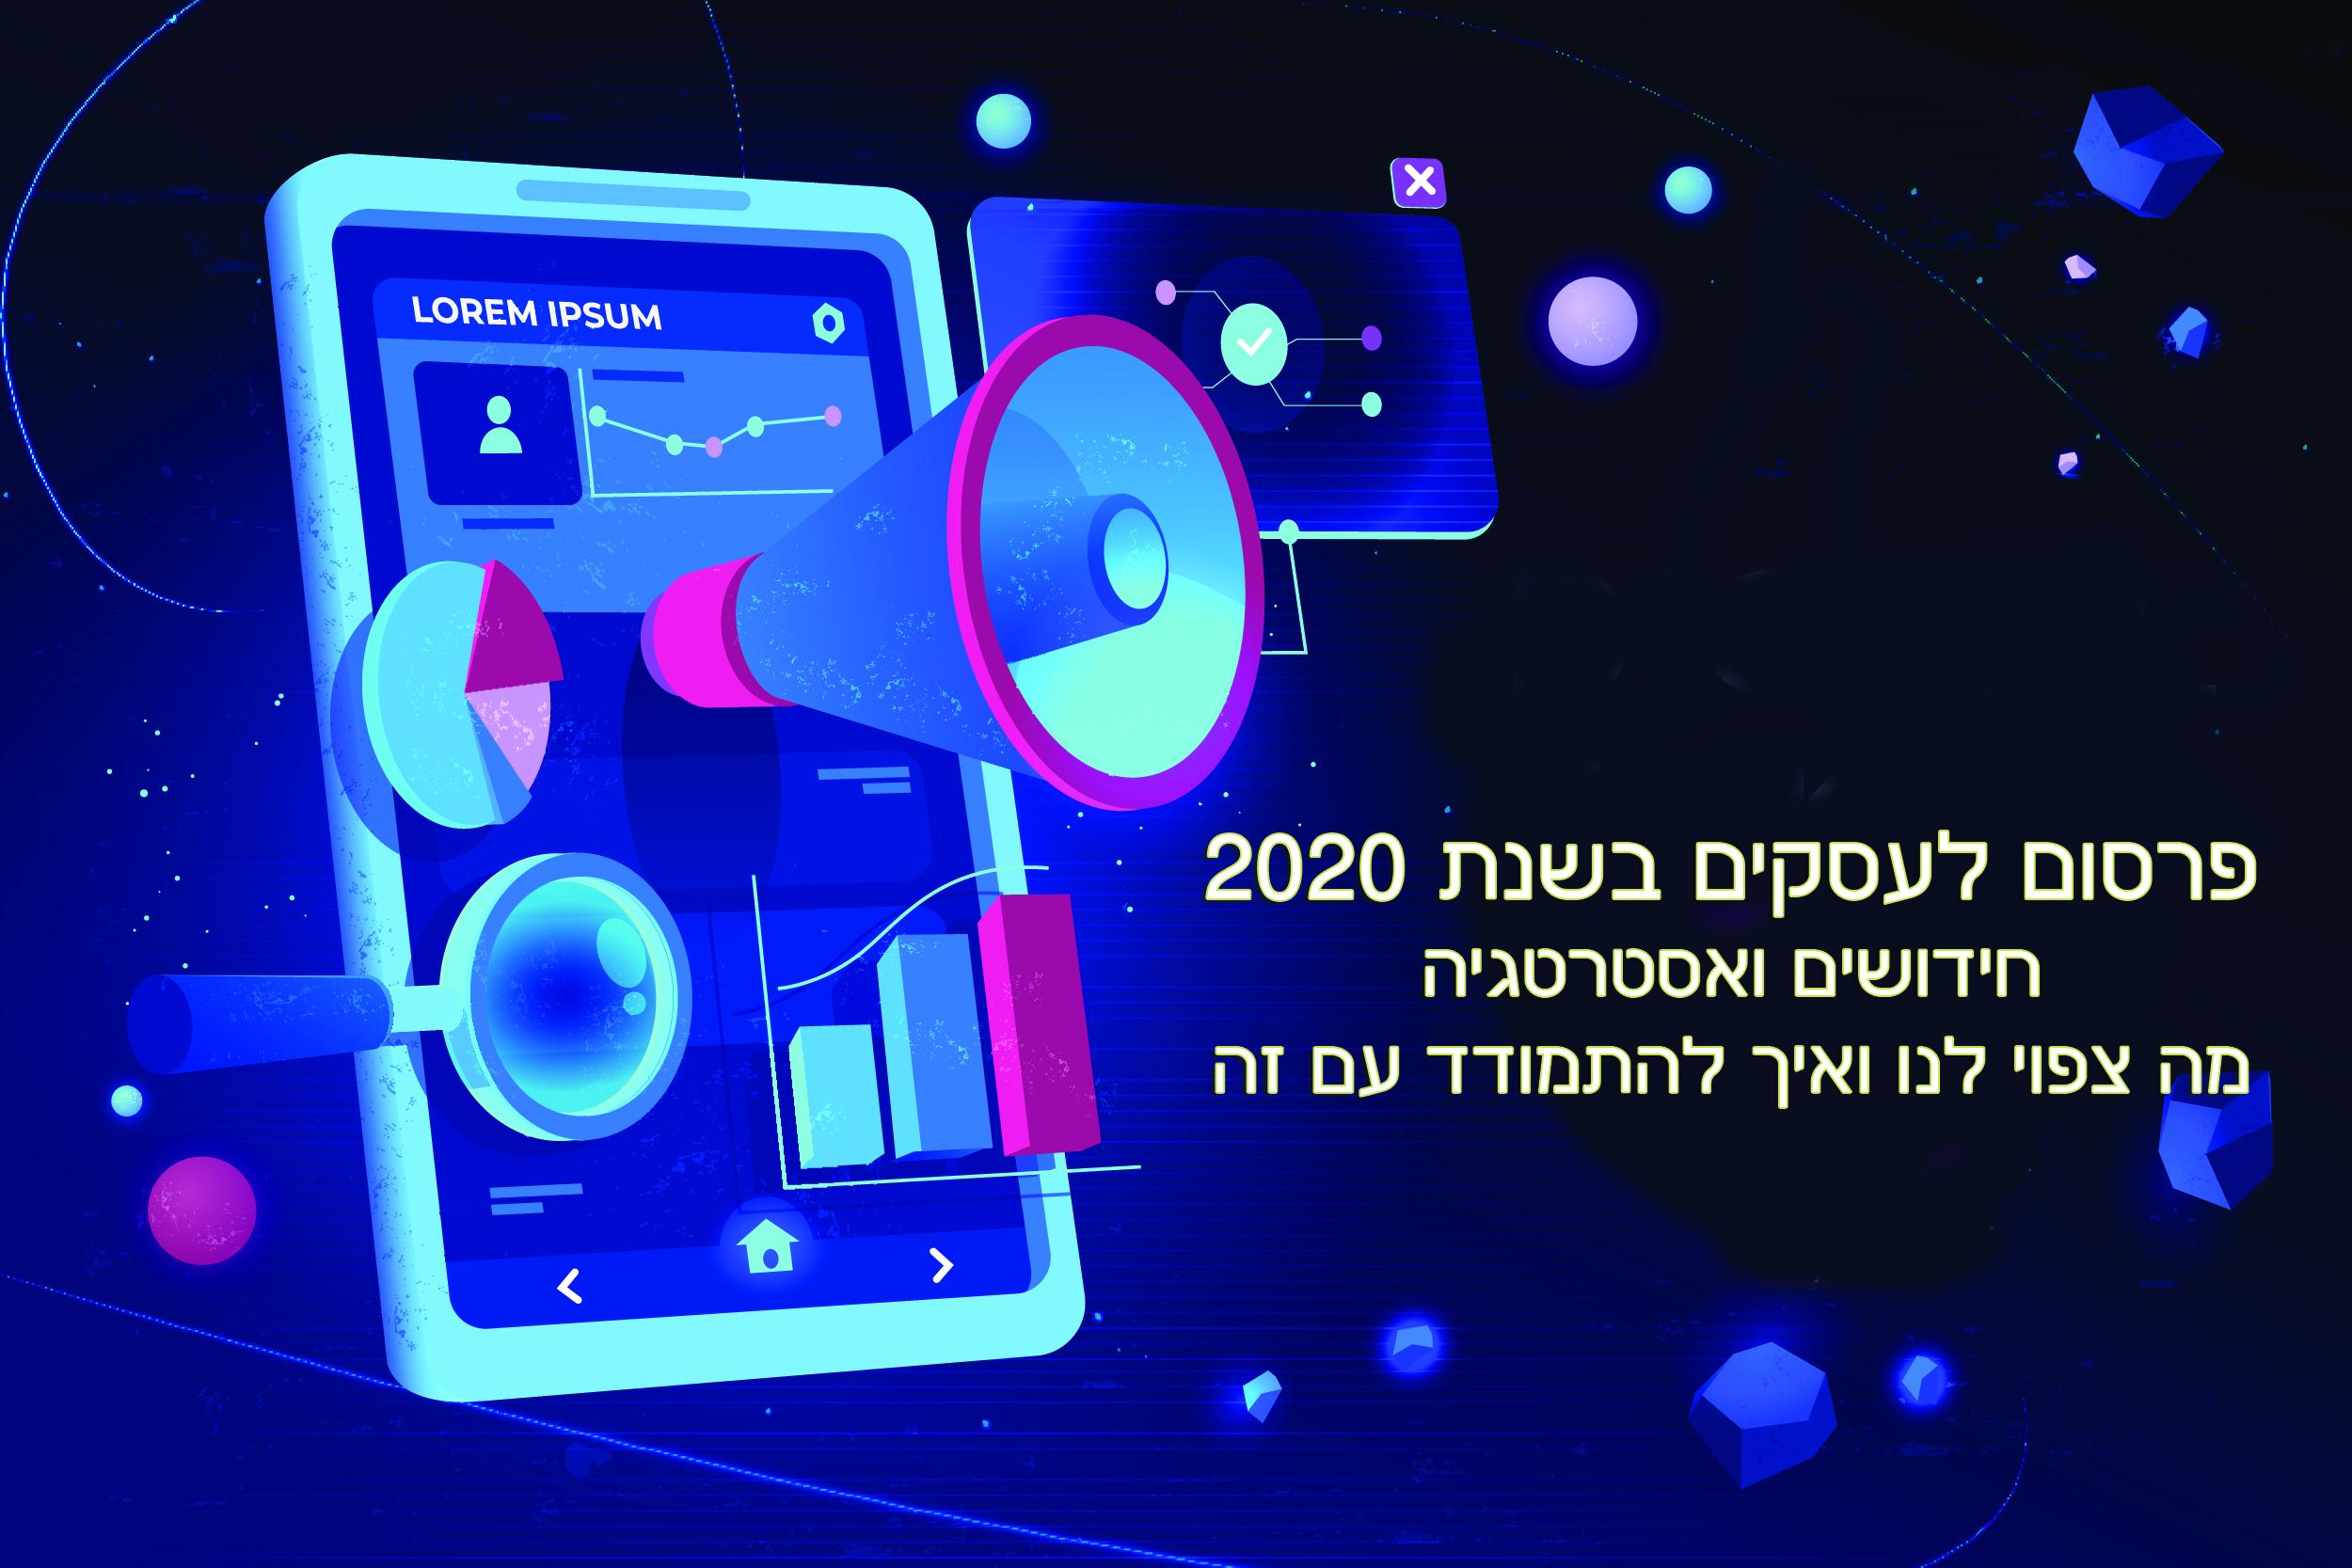 פרסום לעסק בשנת 2020 חידושים ואסטרטגיה מה צפוי לנו ואיך להתמודד עם זה פרסום לעסק פרסום לעסקים בשנת 2020 – חידושים ואסטרטגיה – מה צפוי לנו ואיך להתמודד עם זה pirs